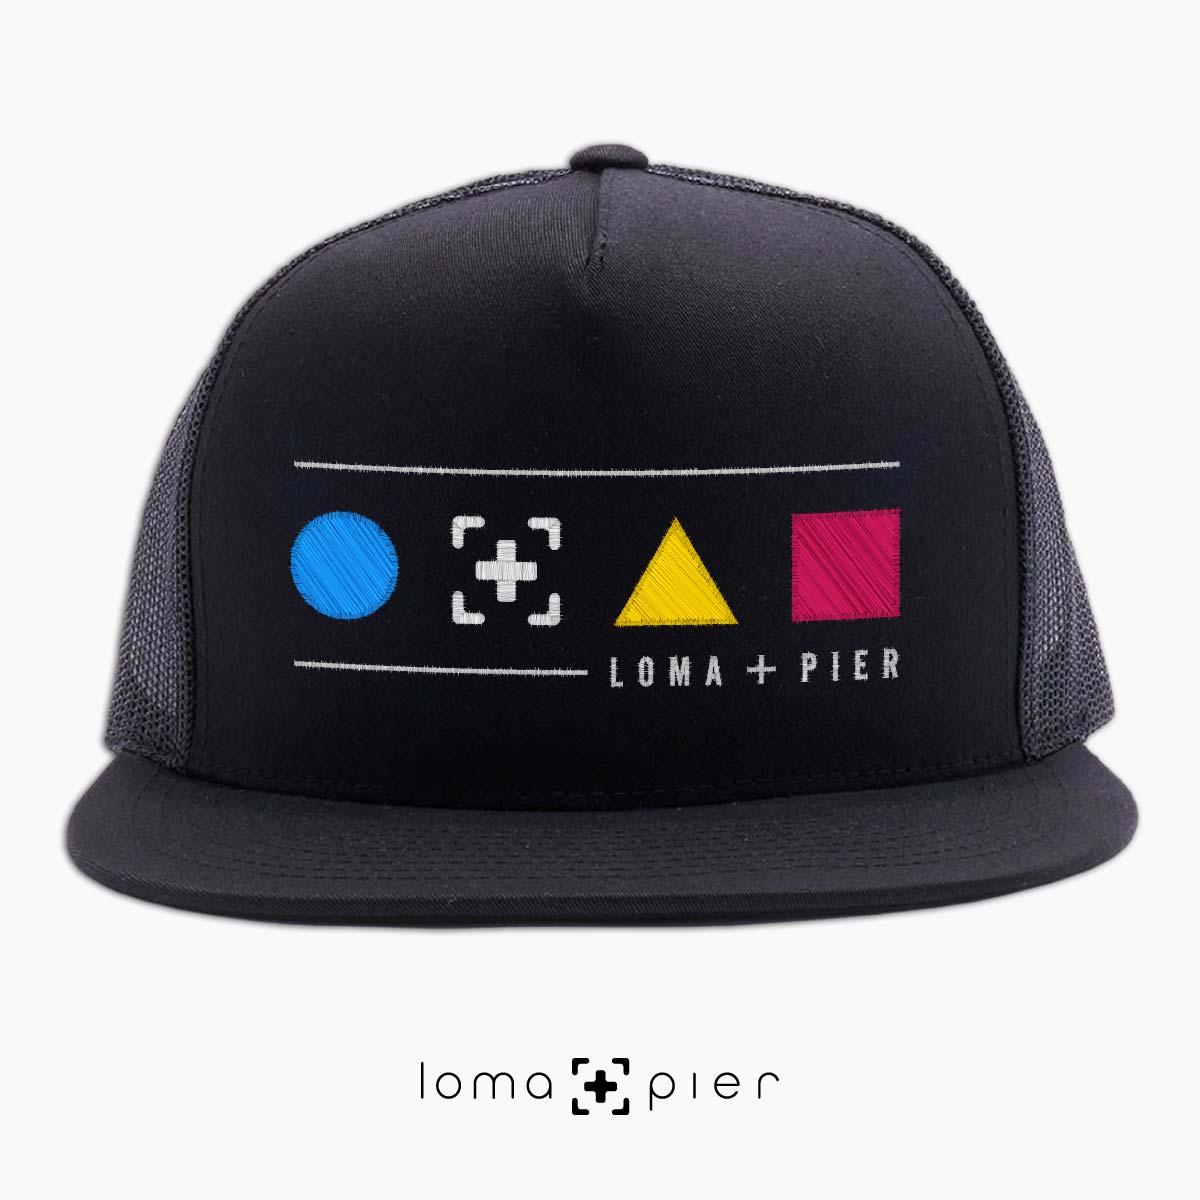 neon shapes beach trucker hat in black by lomapier hat store